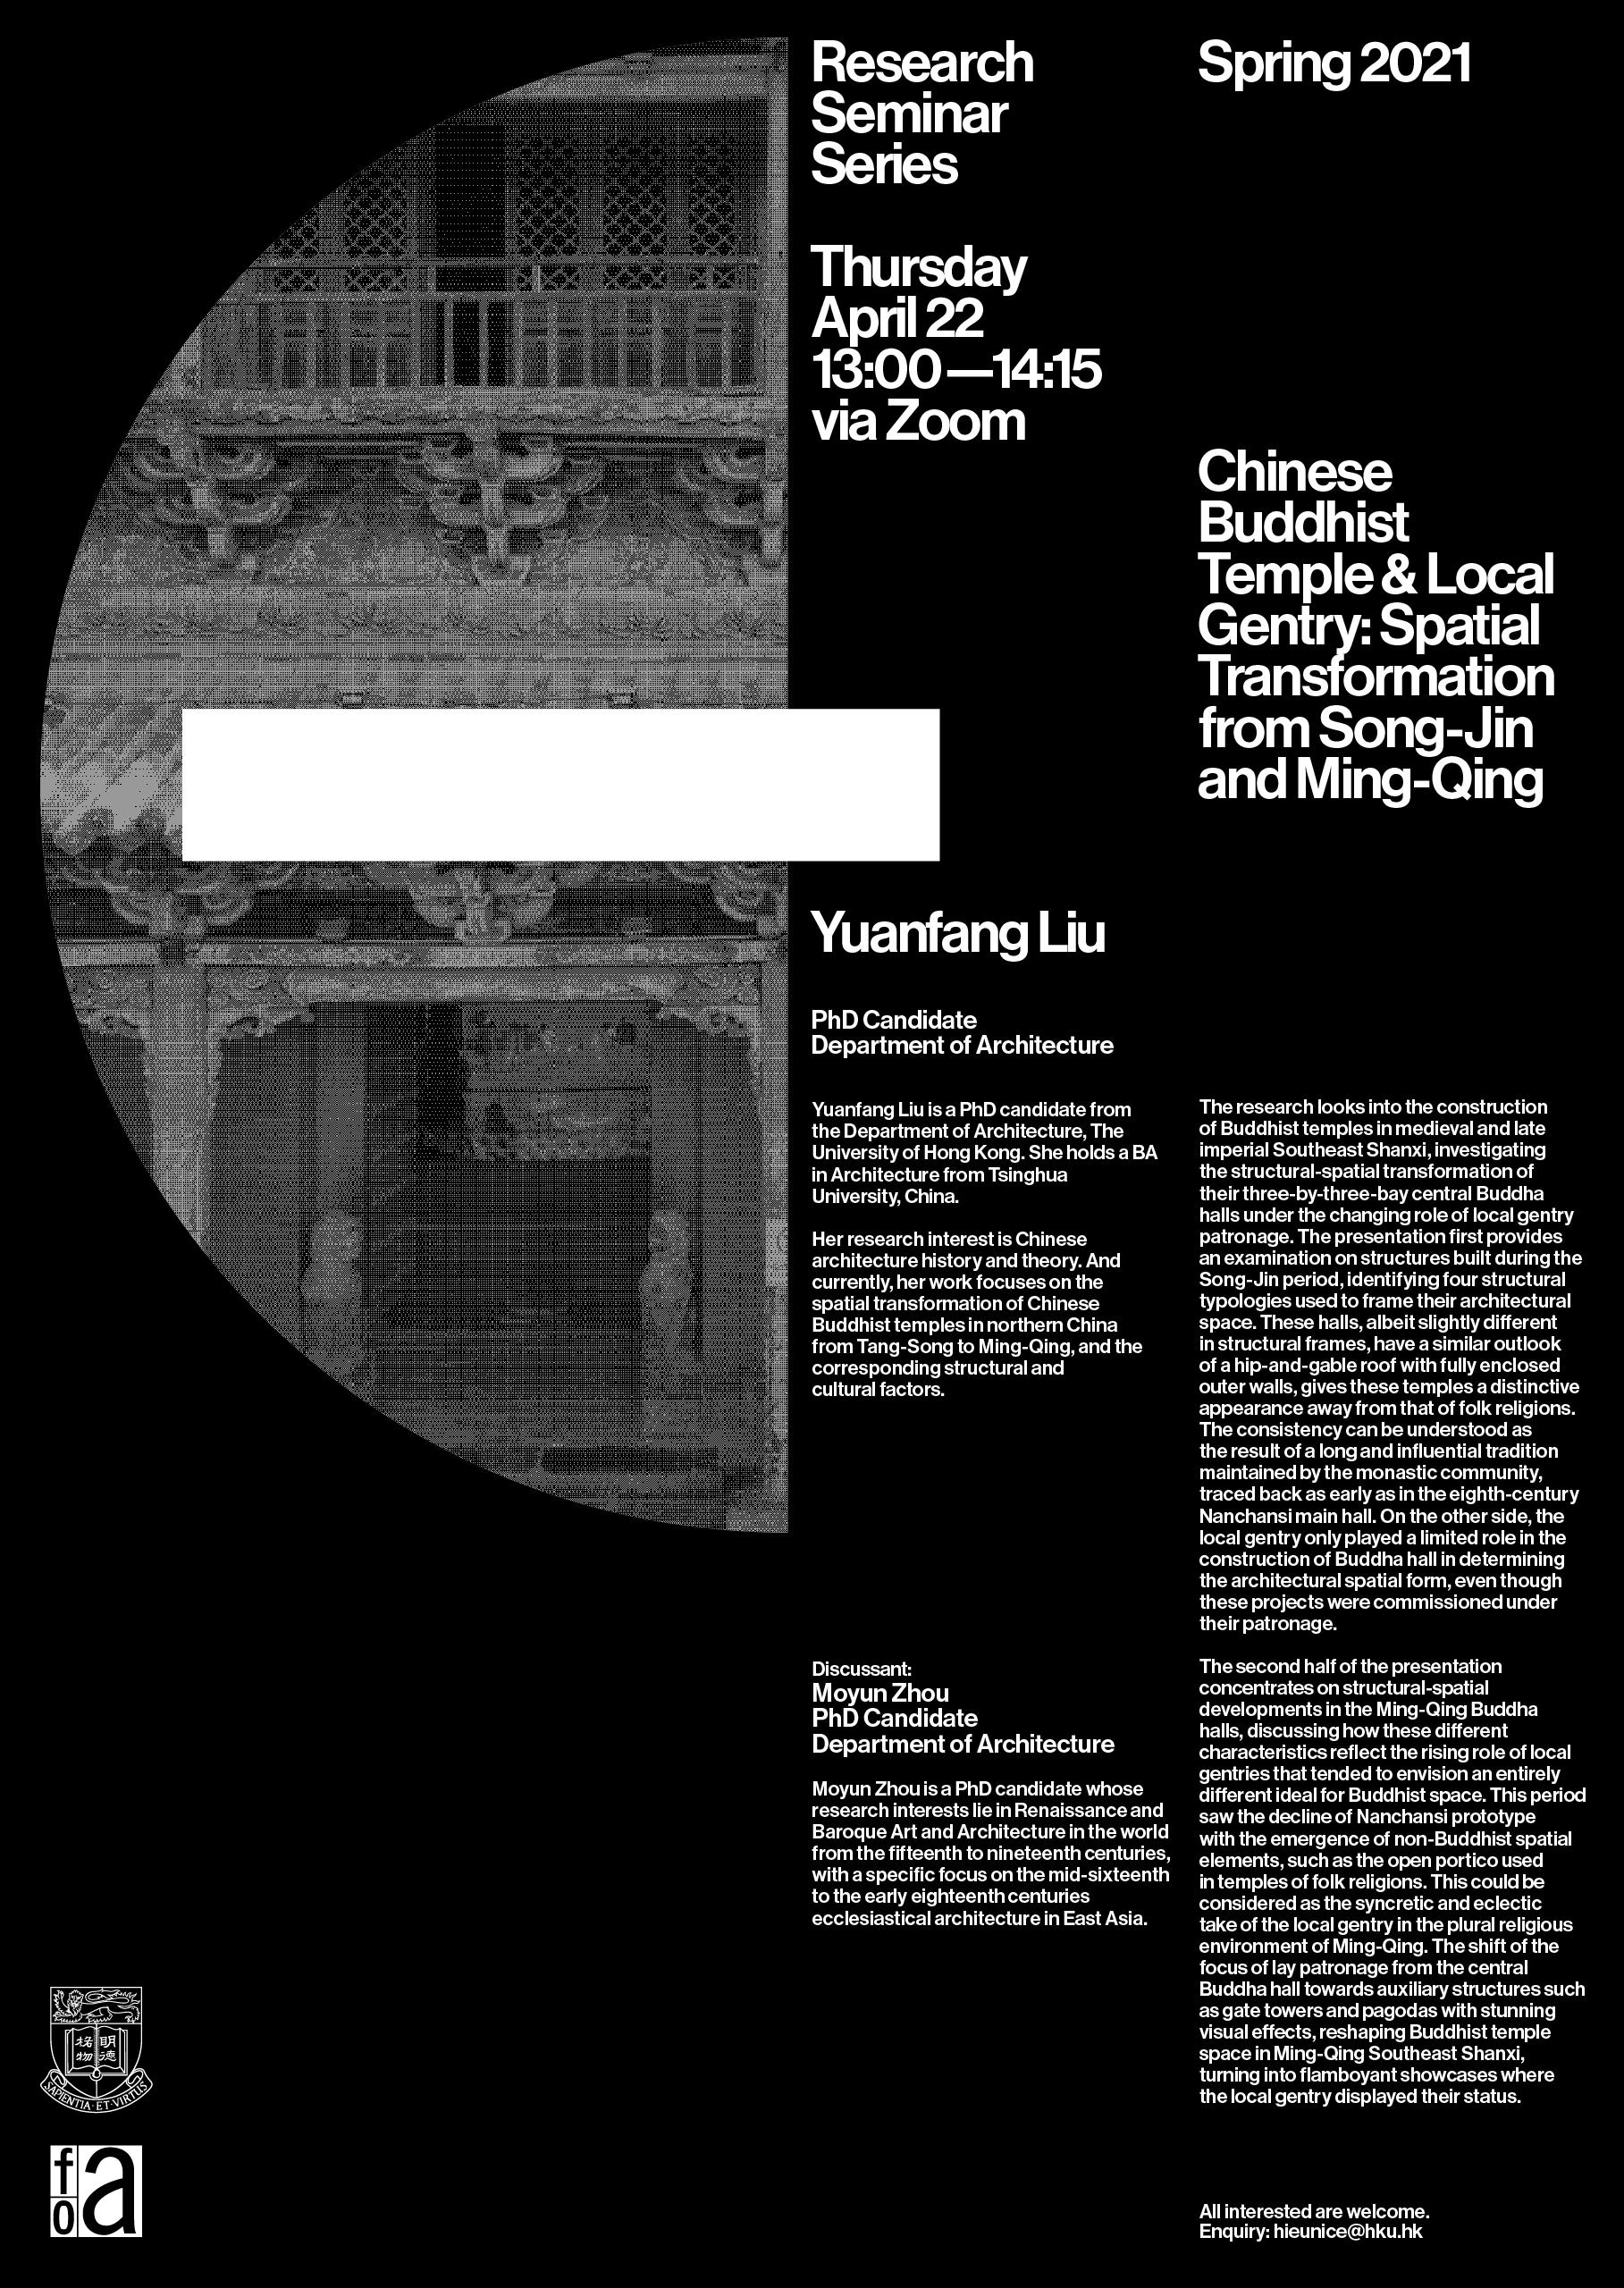 Yuanfang Liu